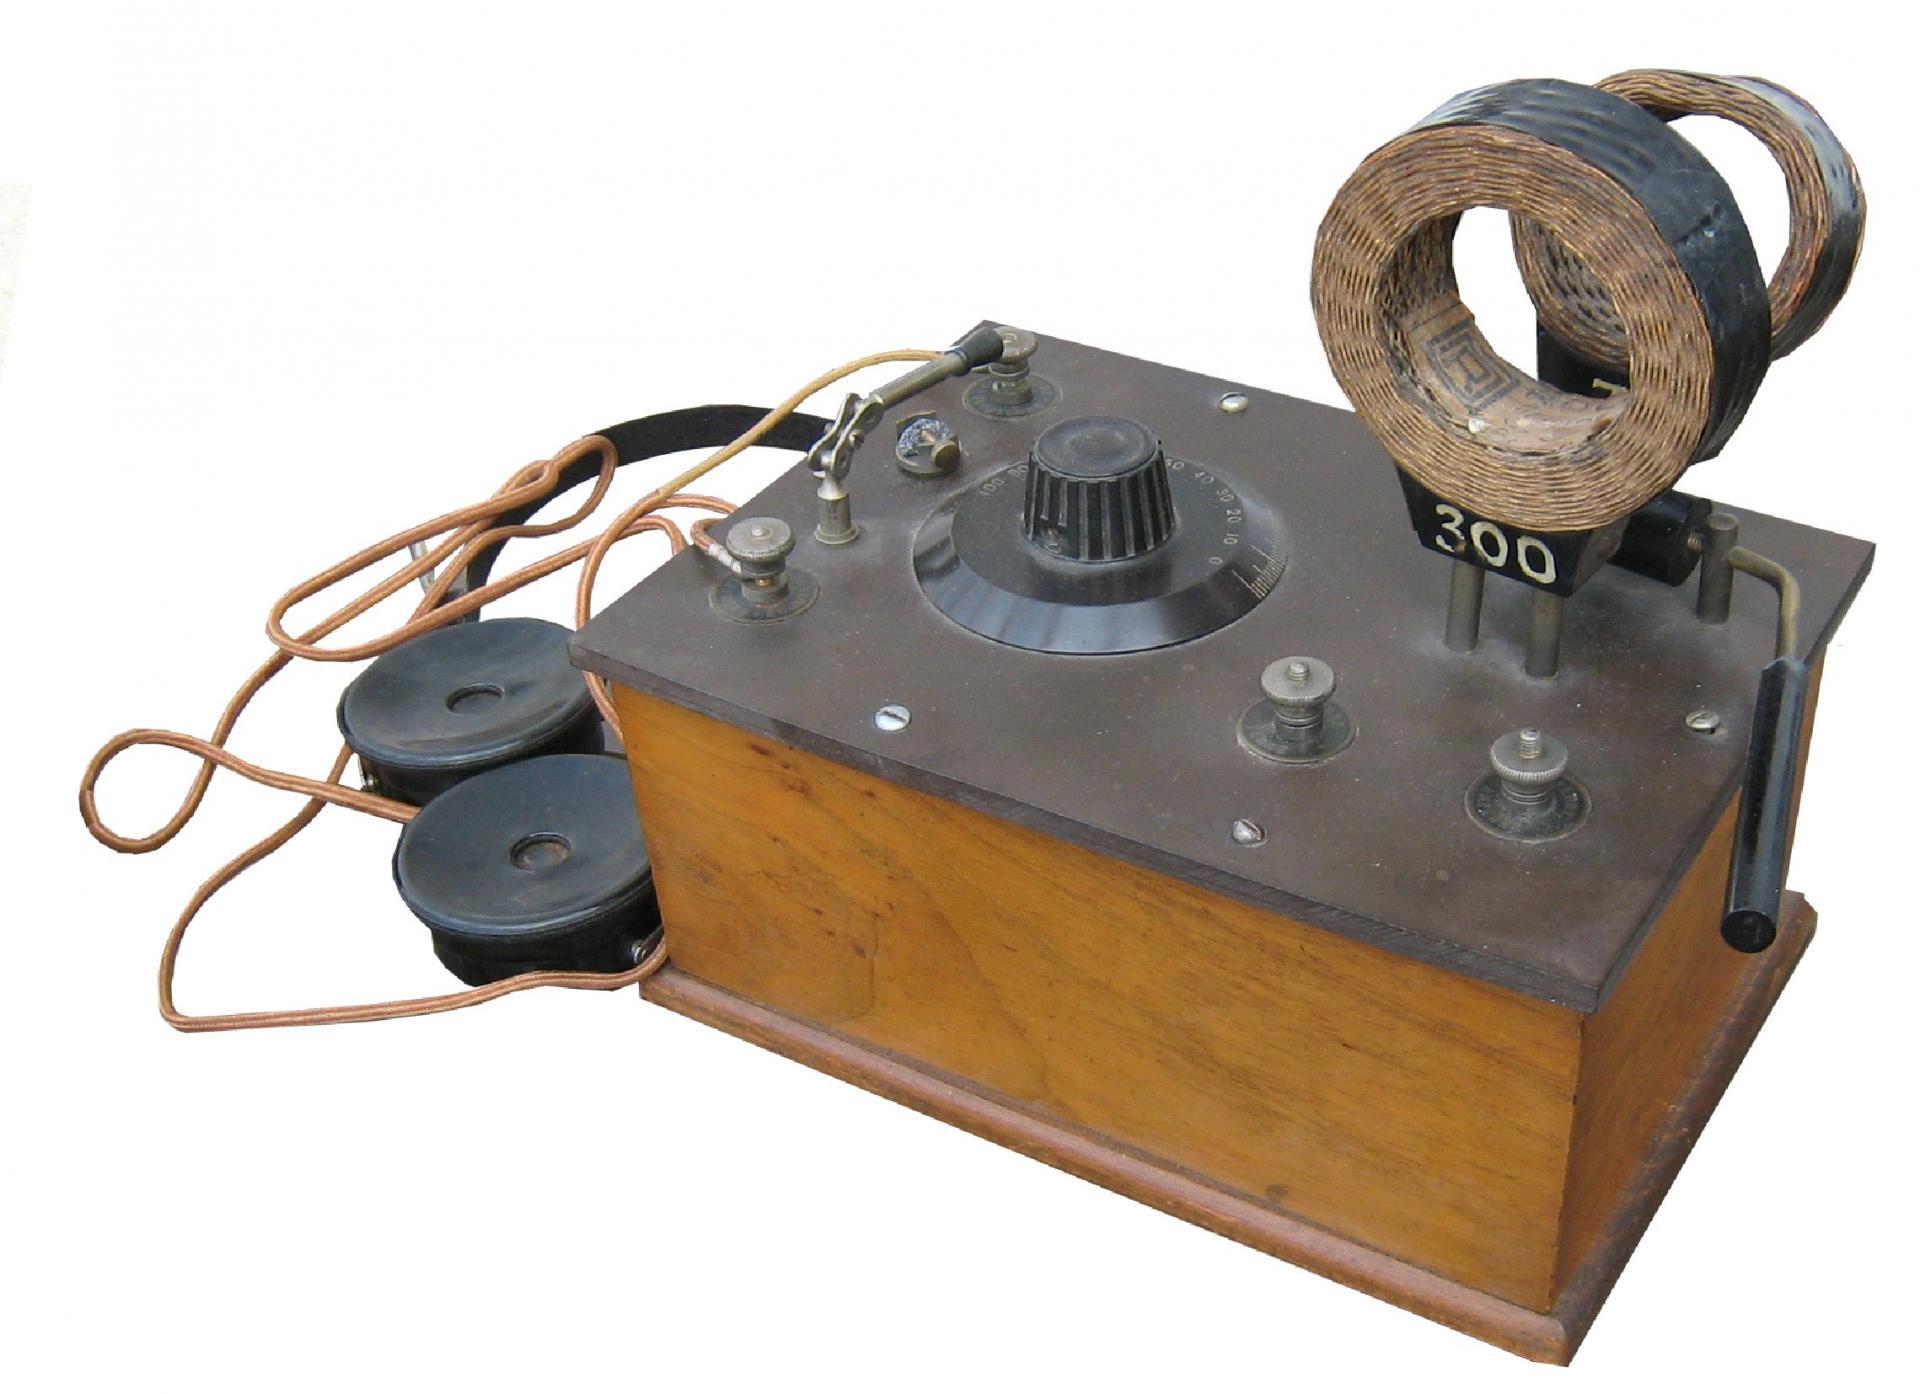 Les débuts de la radio, les postes avant 1930